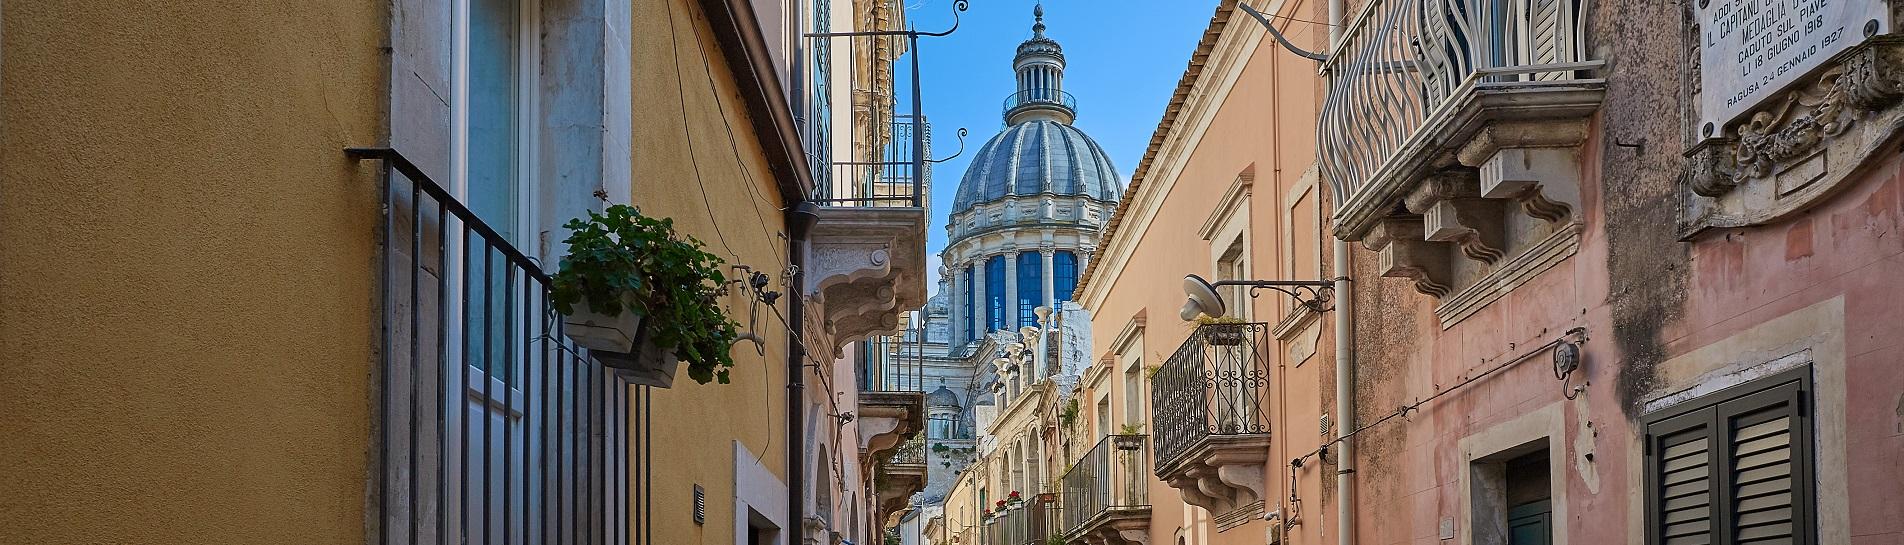 Best Villas For A City Break In Sicily